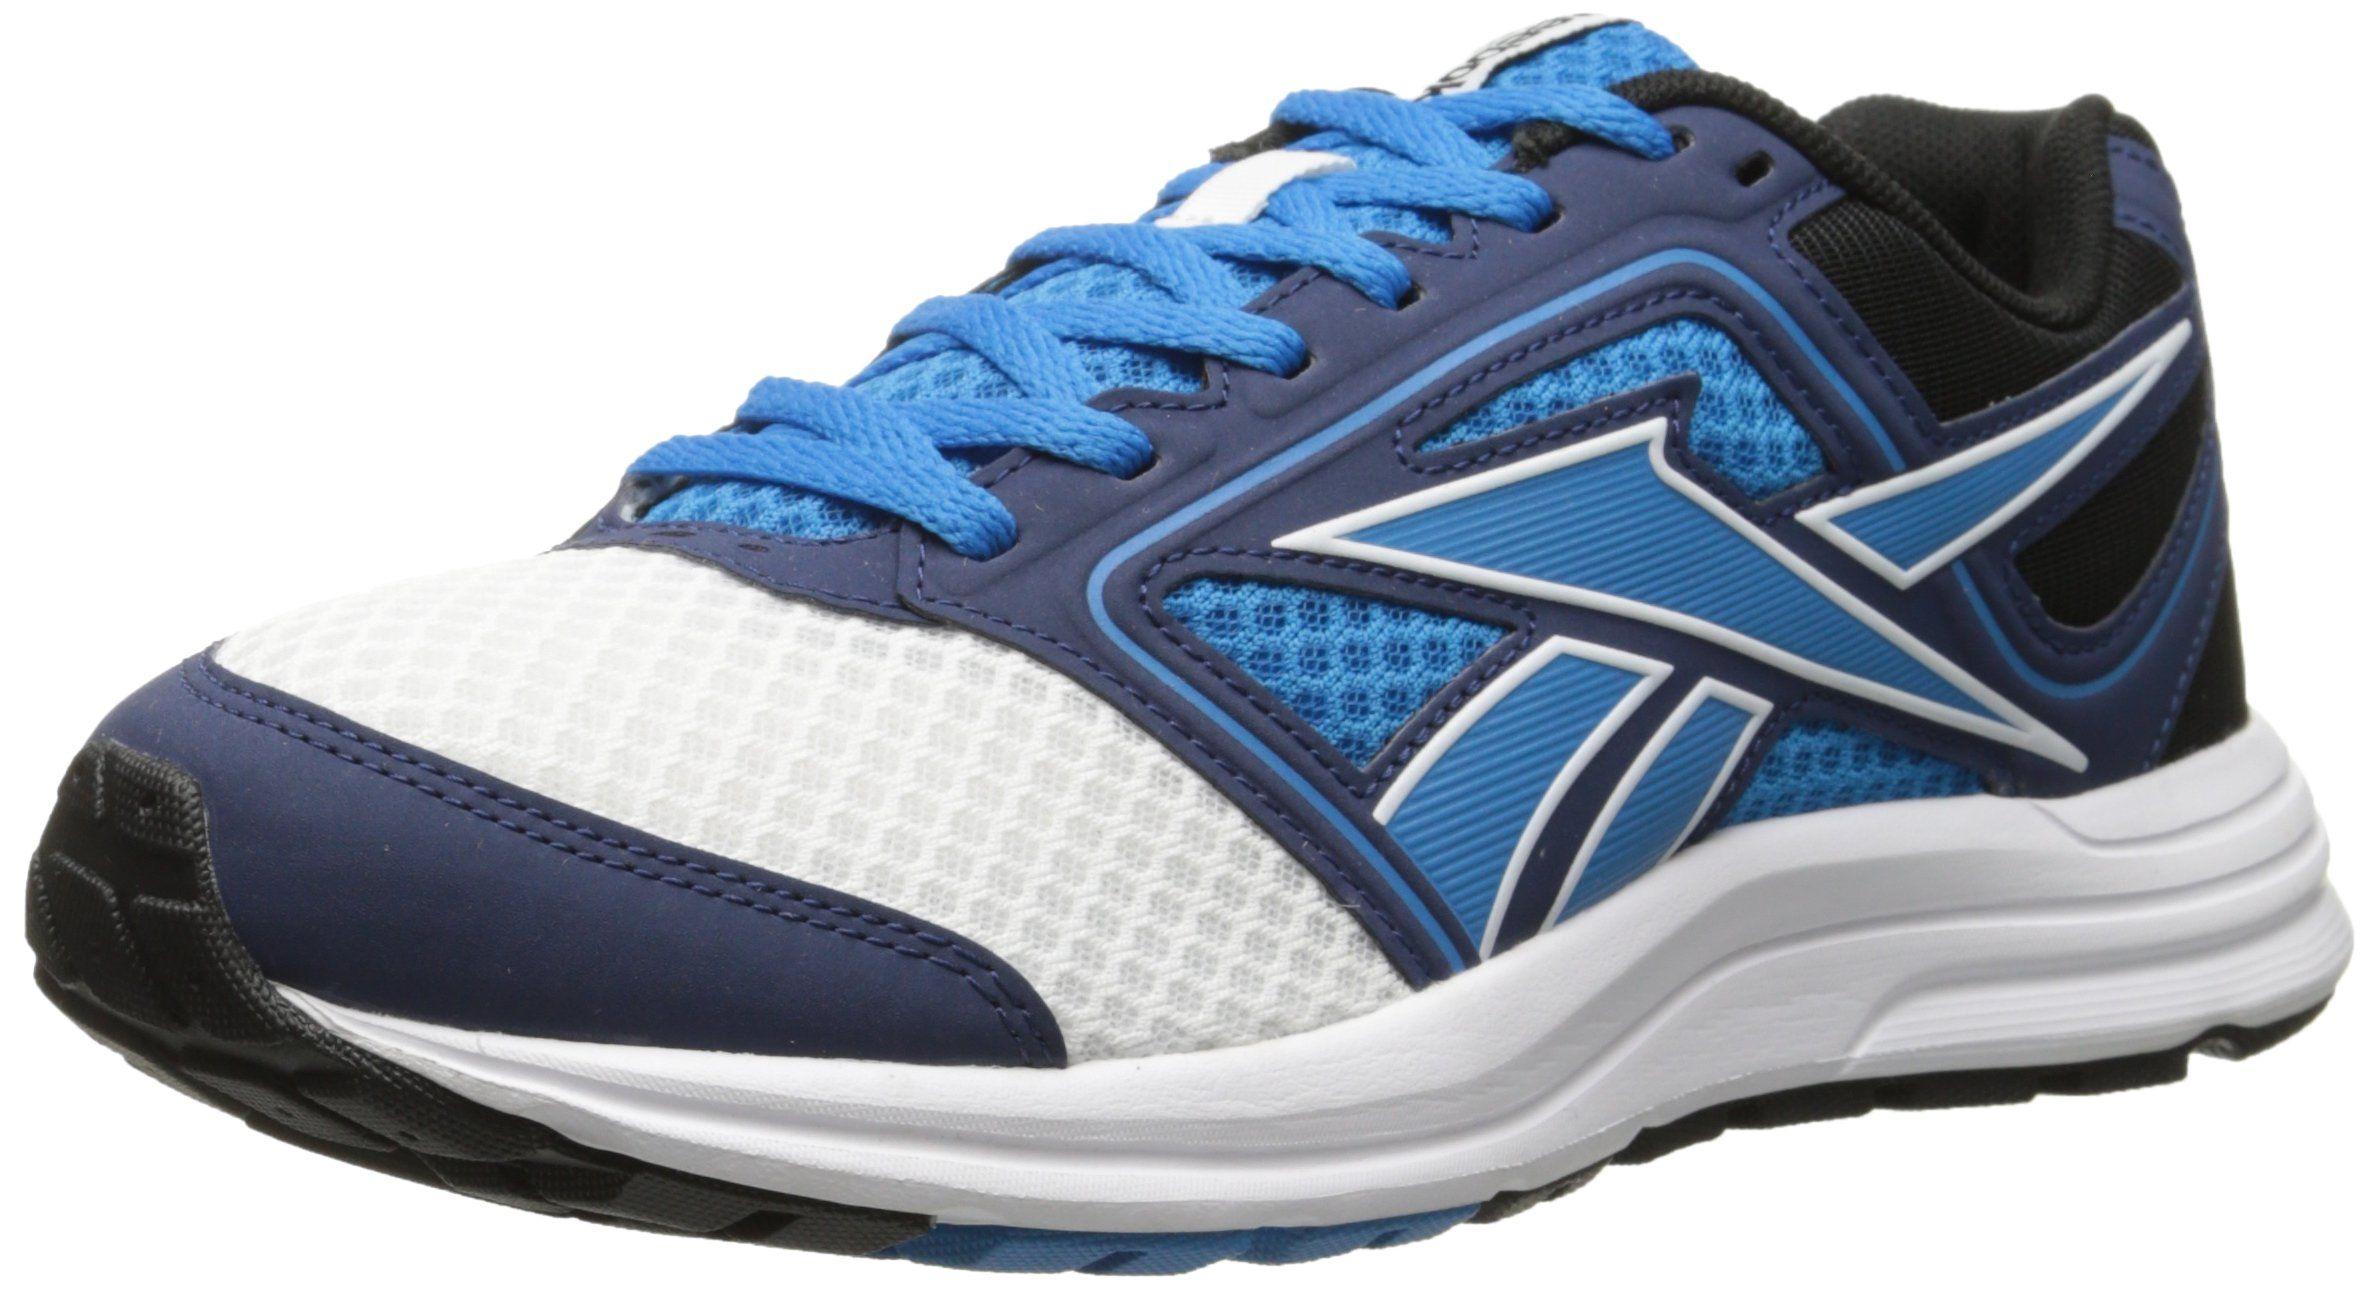 f0a6d12d9e6 Reebok Men s Zone Cushrun MT Running Shoe